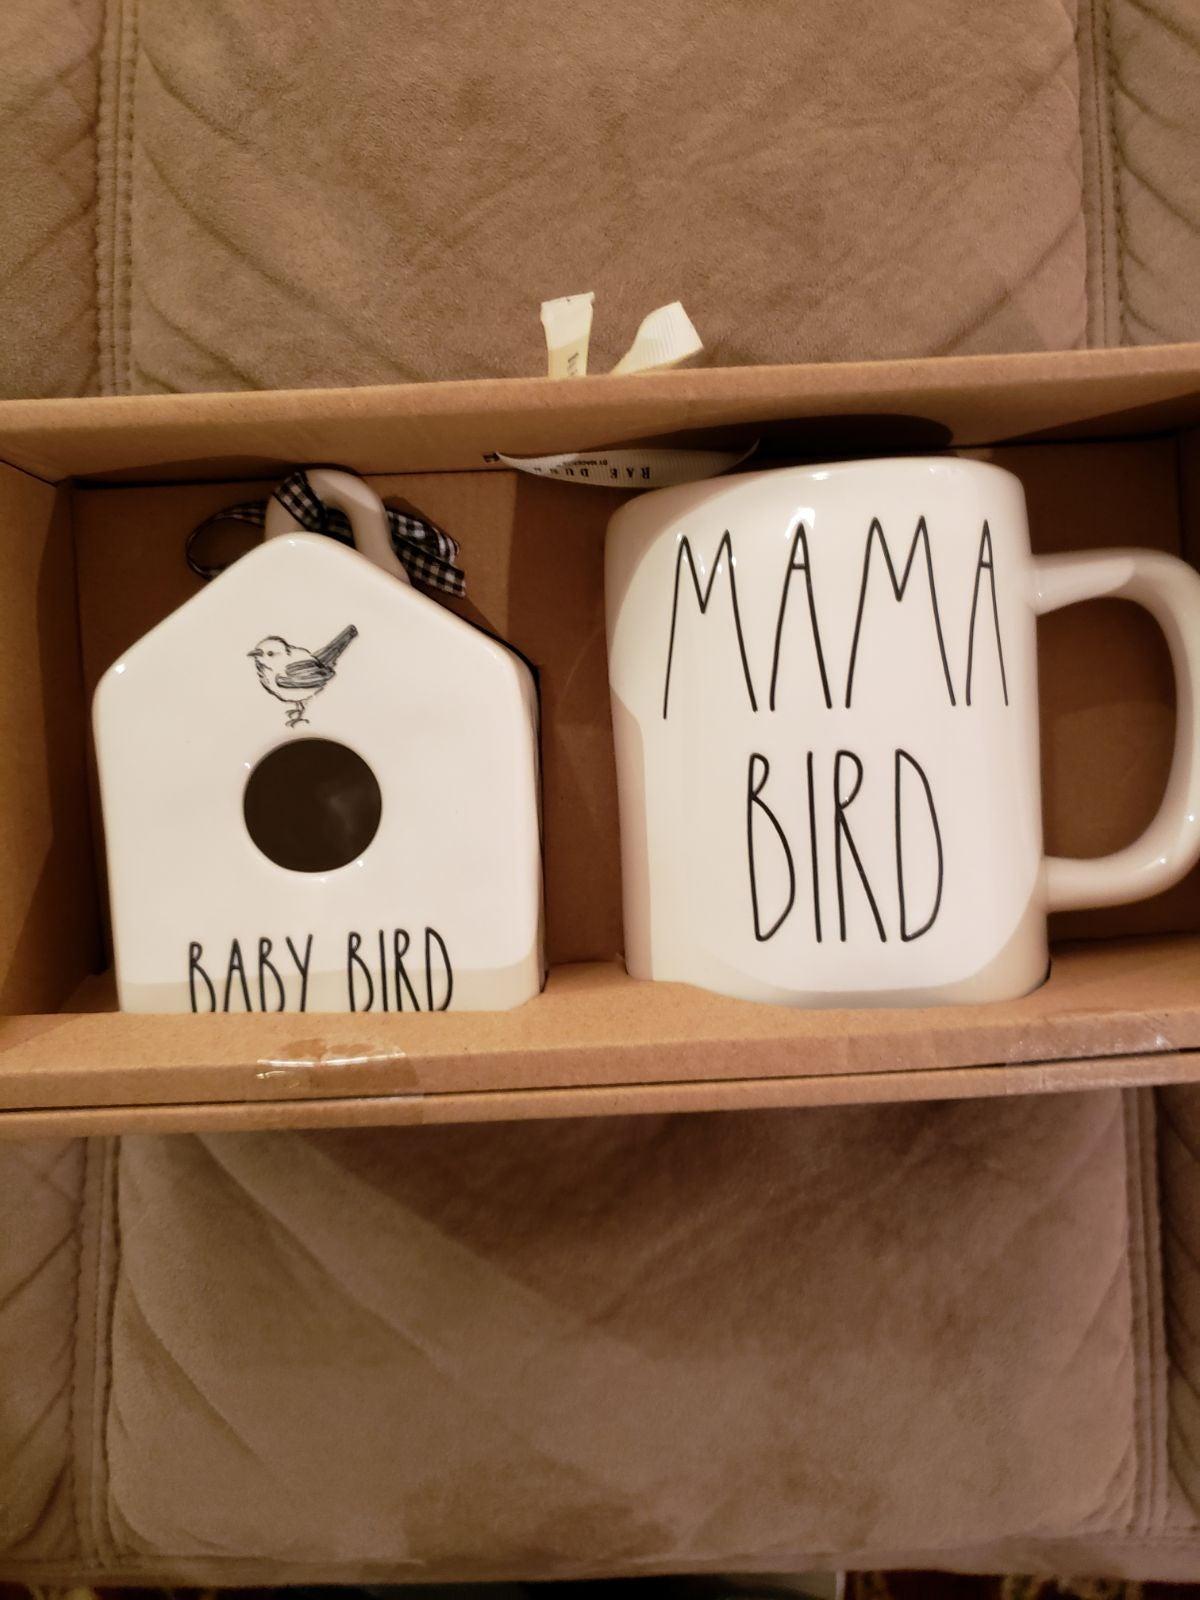 NWT Rae Dunn Birdhouse Mug Mama Bird